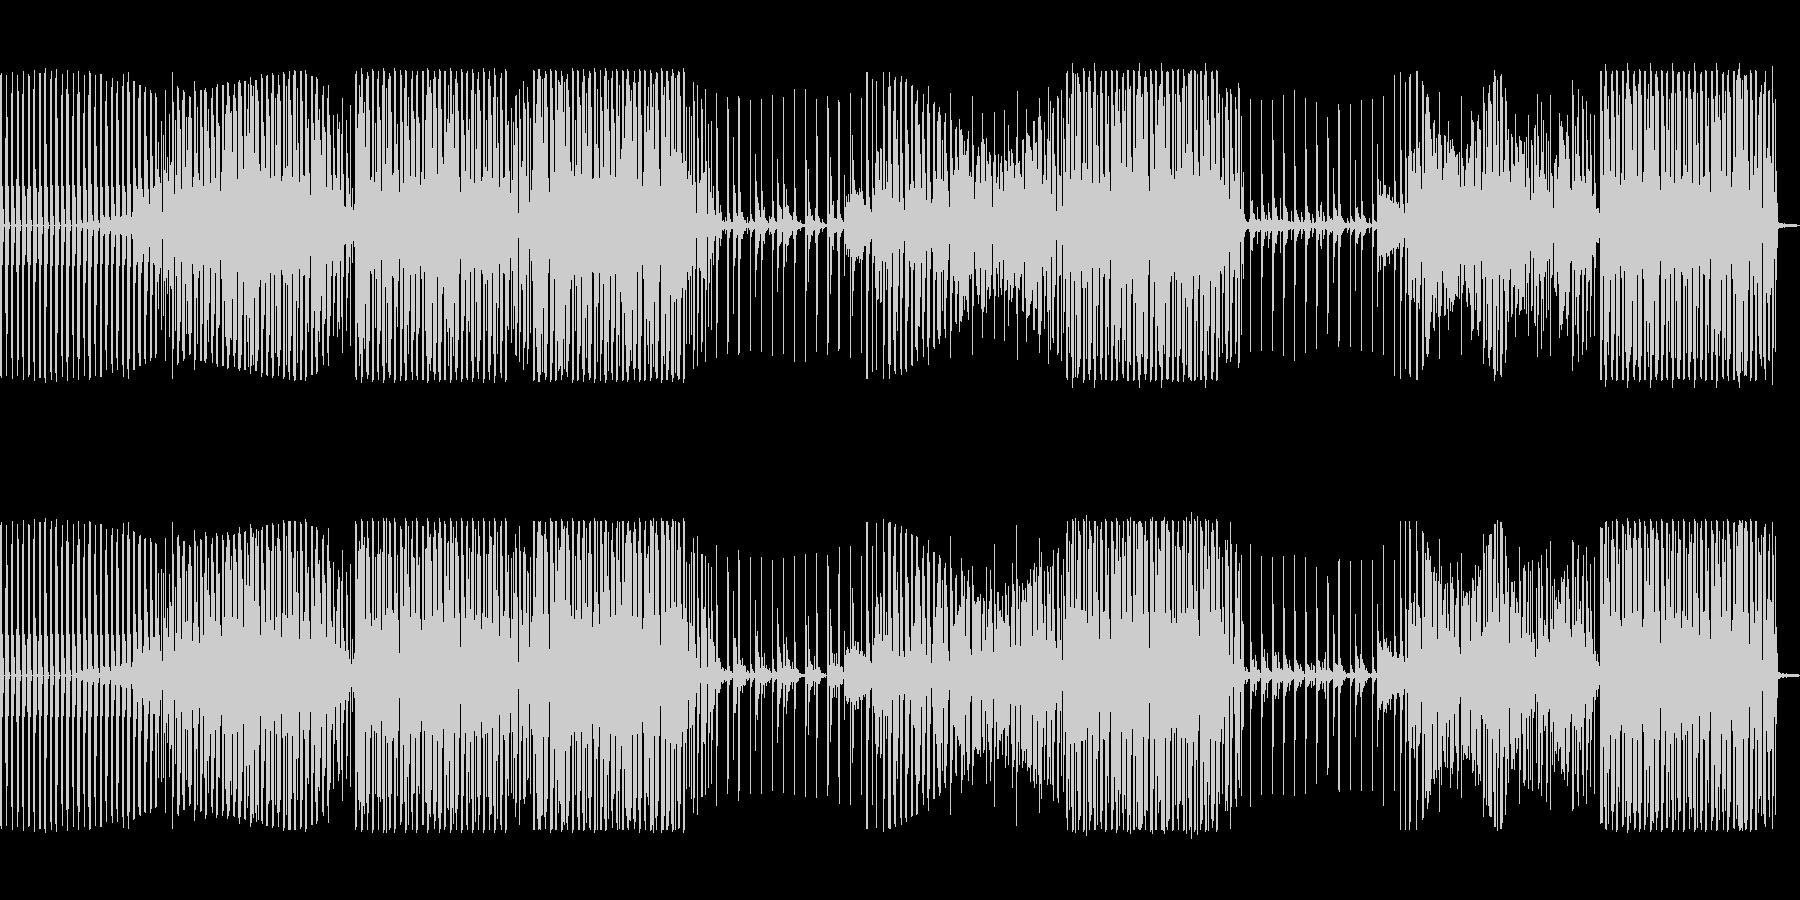 かっこいいベースのハウスミュージックの未再生の波形